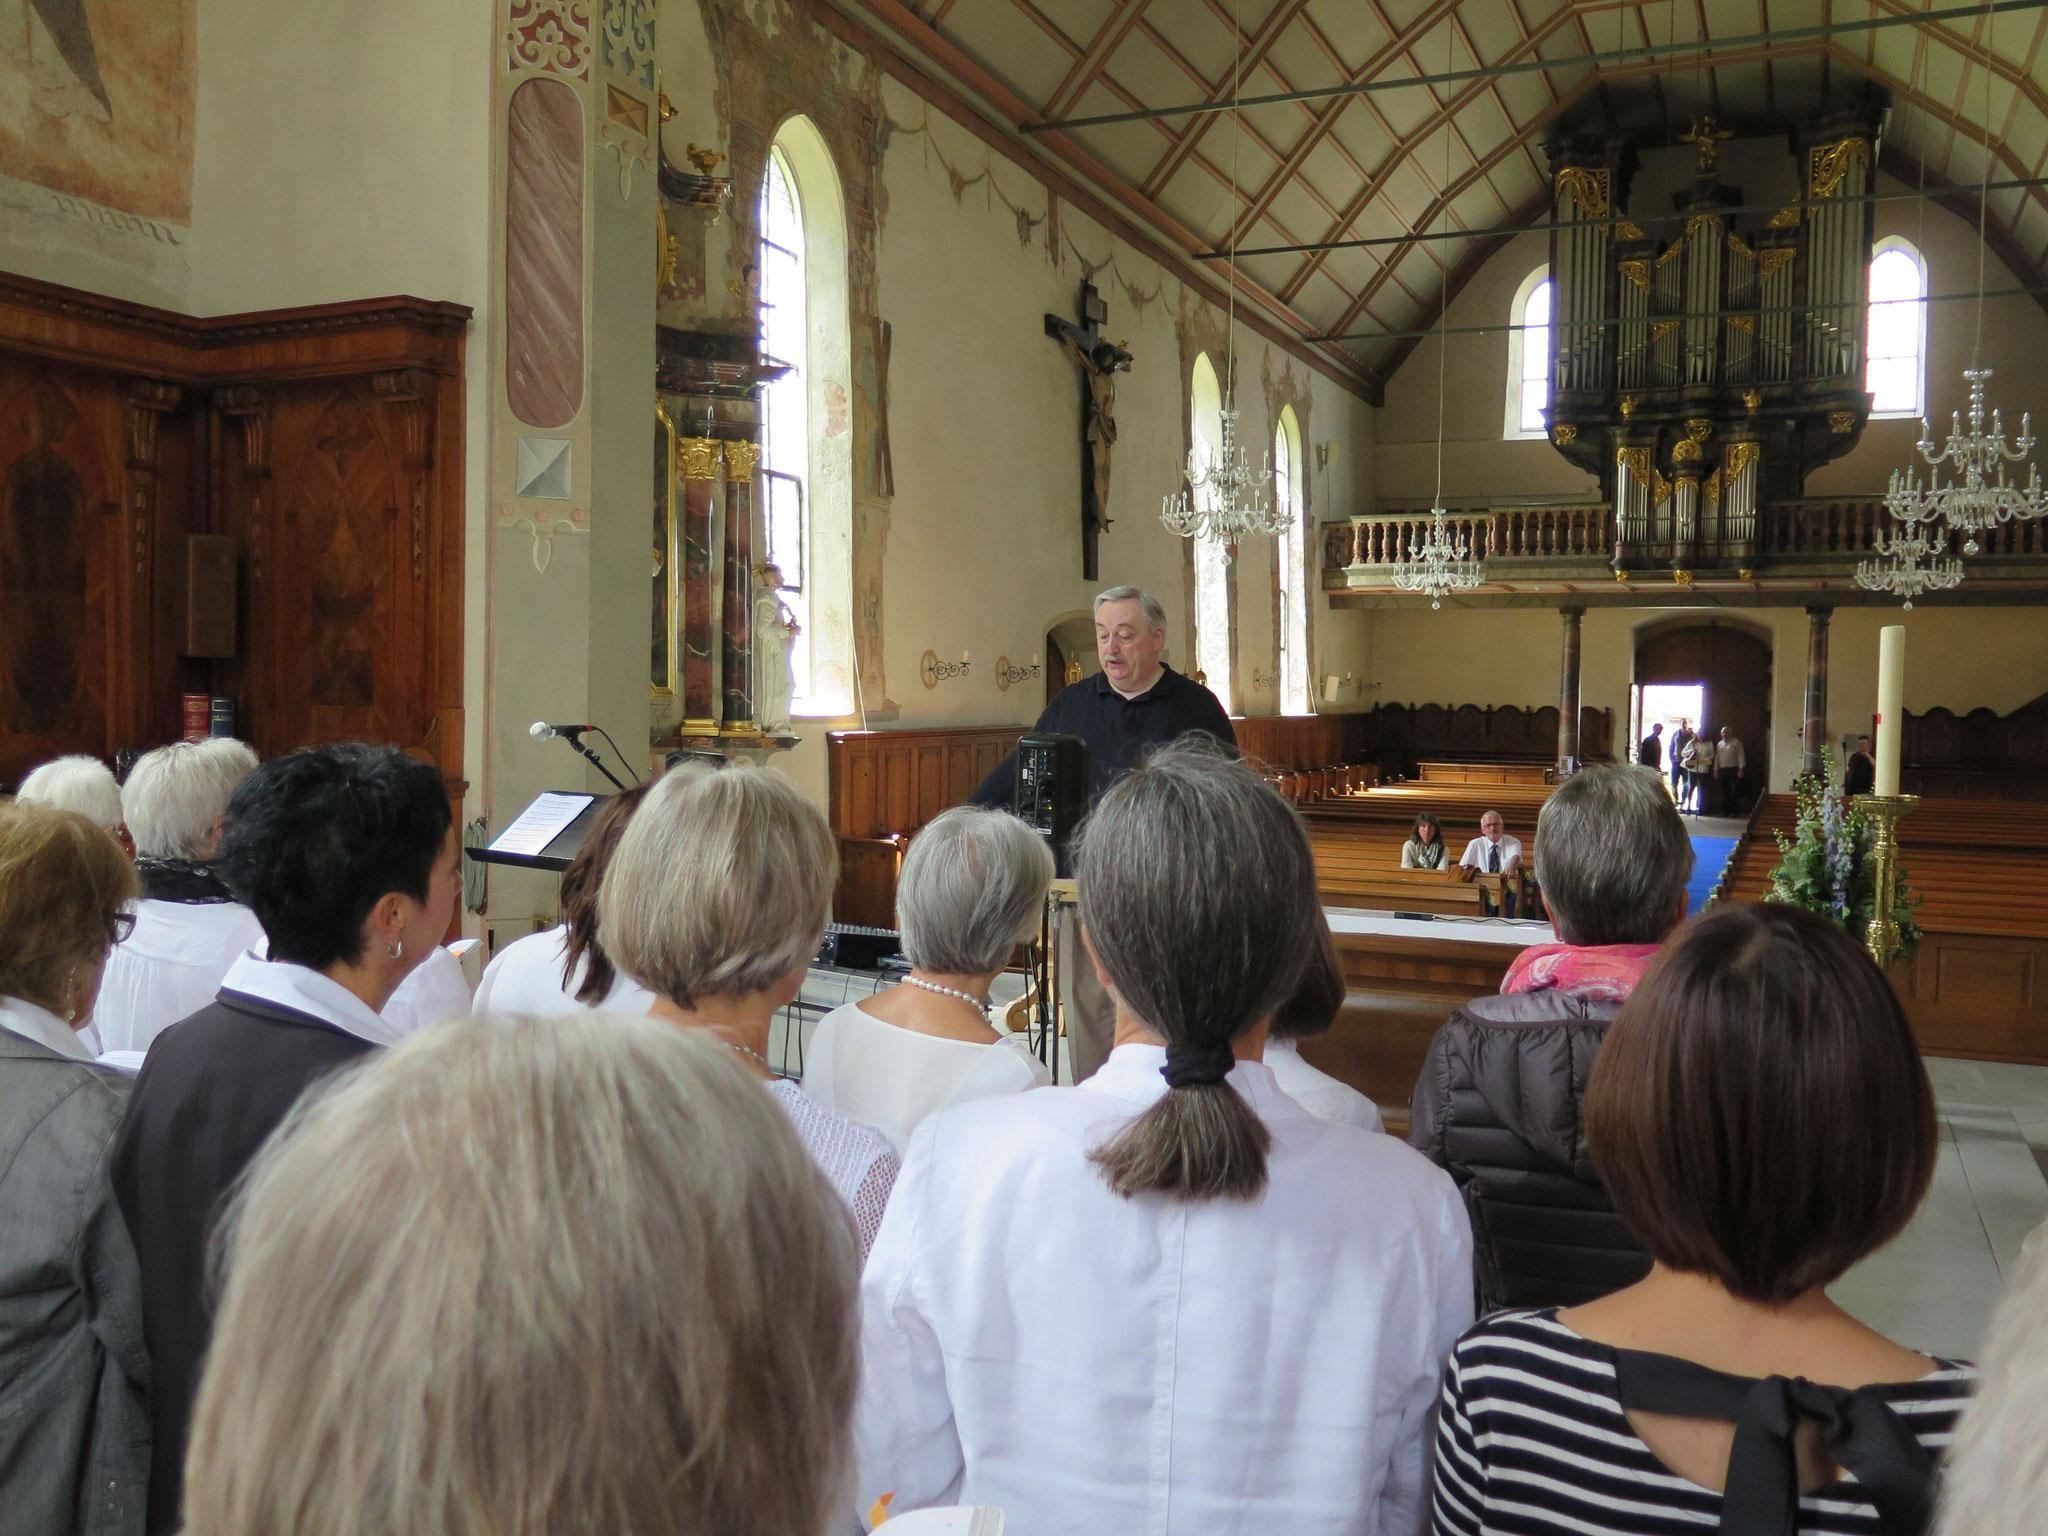 Wir singen uns ein. Es ist immer wieder ein Erlebnis, in einer grossen Kirche singen zu dürfen.